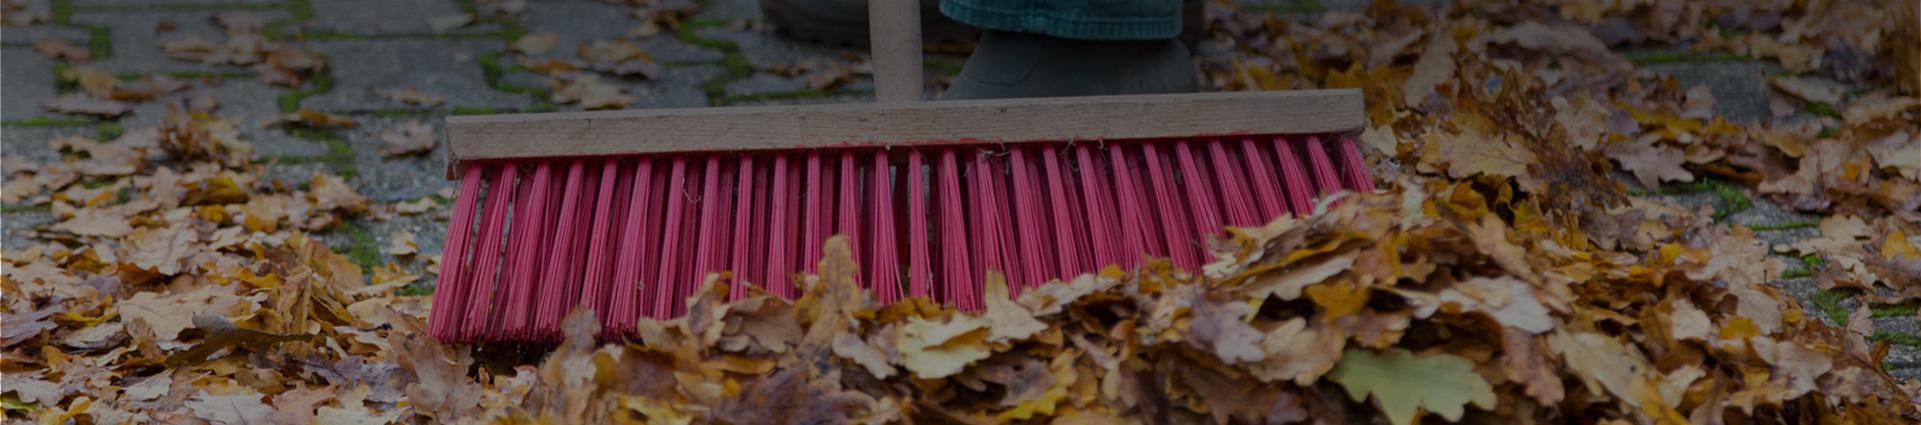 Zamiatanie liści